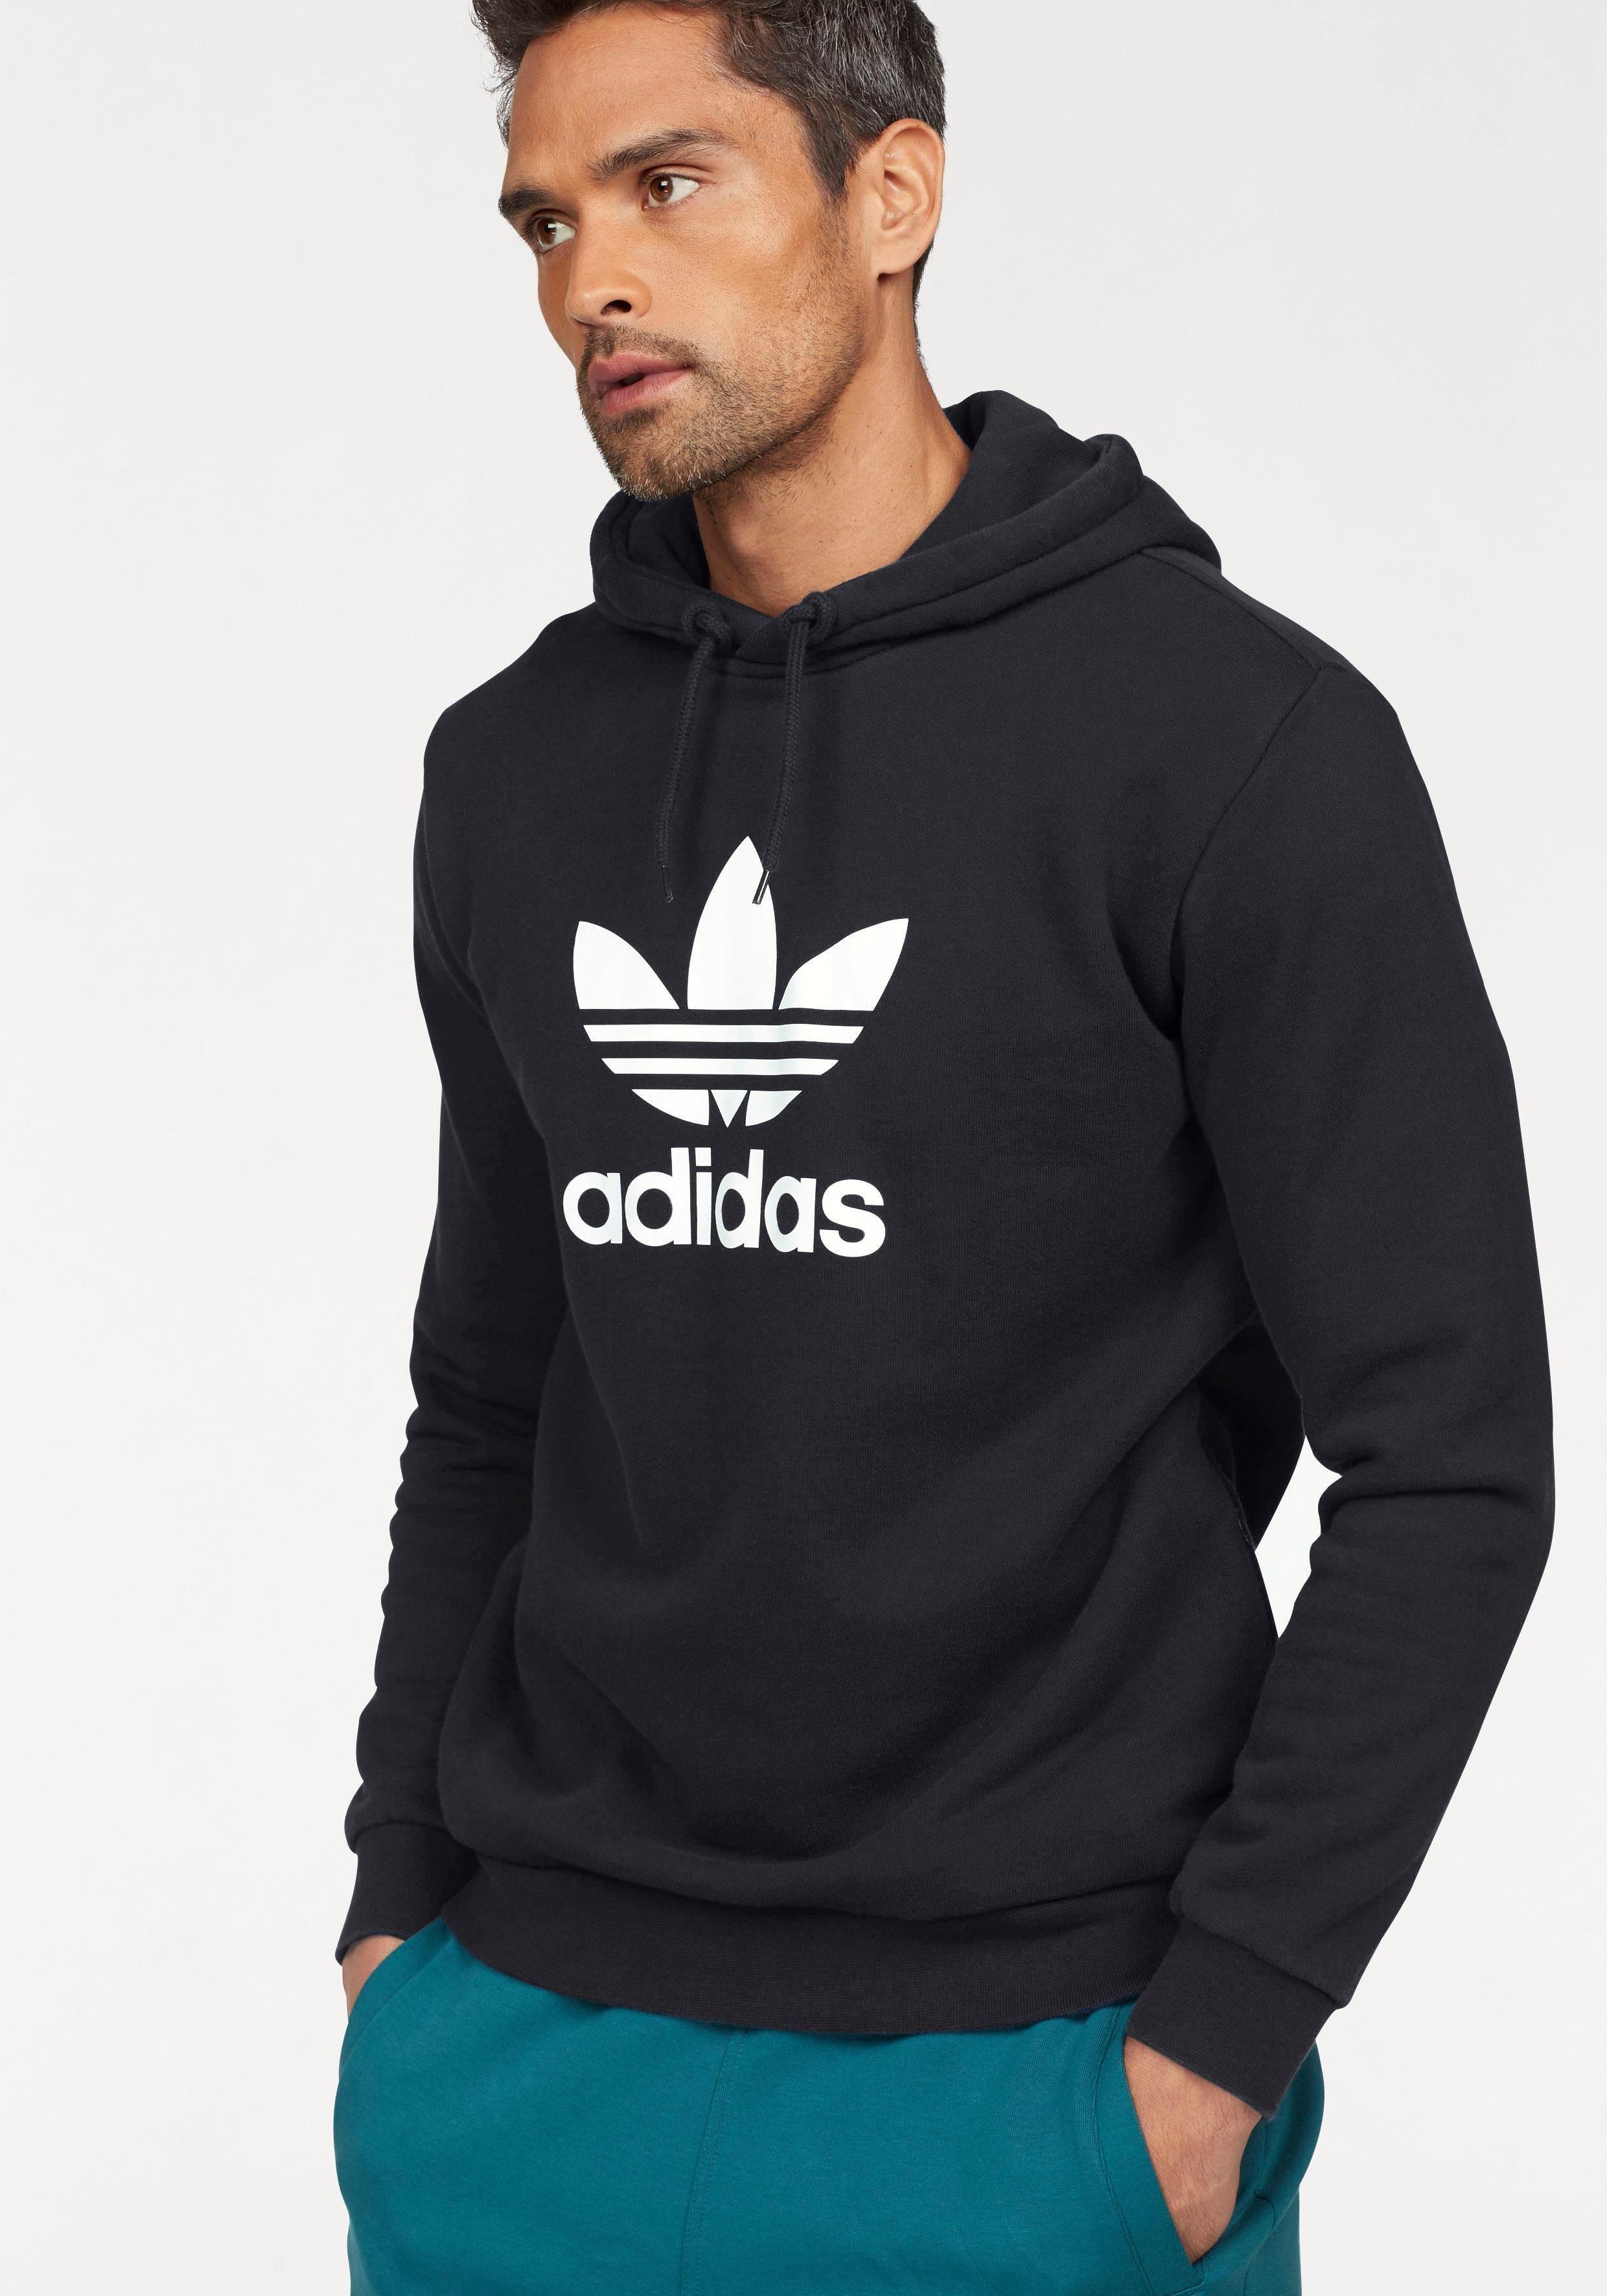 adidas Originals Kapuzensweatshirt »TREFOIL HOODIE«, Mit Logodruck vorn online kaufen | OTTO